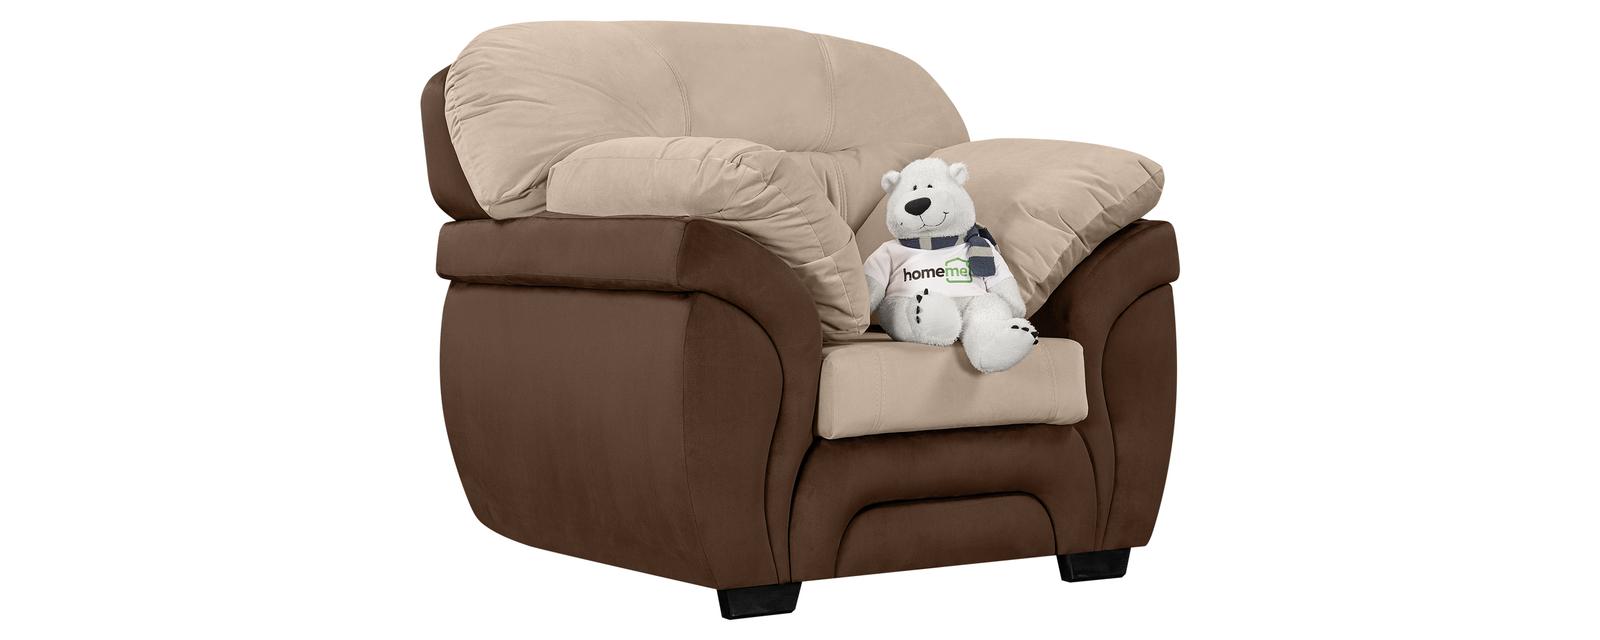 Кресло тканевое Бристоль Velure бежевый/коричневый (Велюр) Бристоль